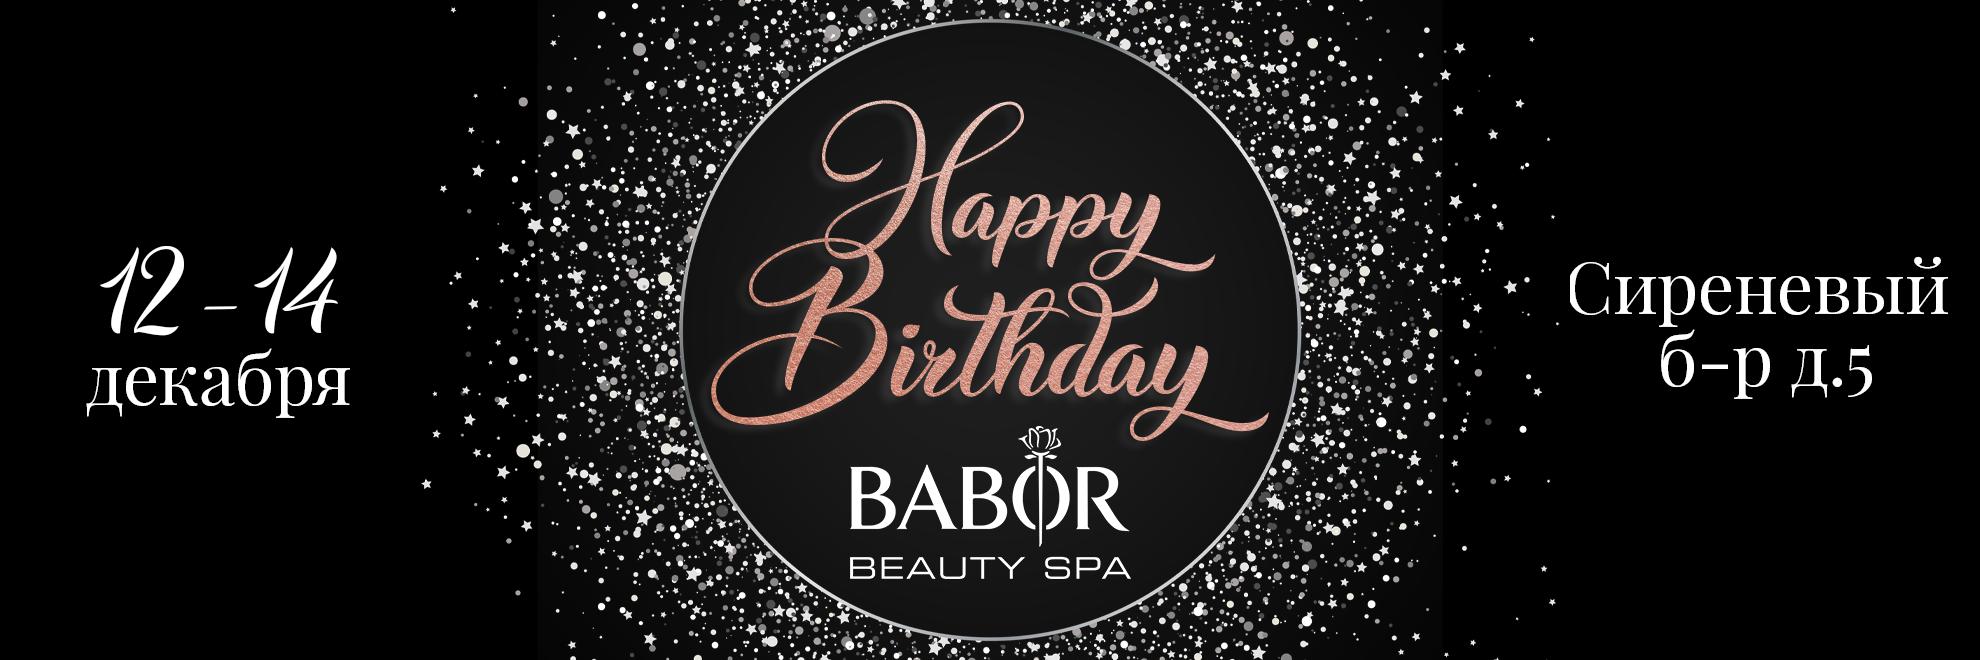 12 декабря ДЕНЬ РОЖДЕНИЯ BABOR Beauty Spa! Нам 7 лет!